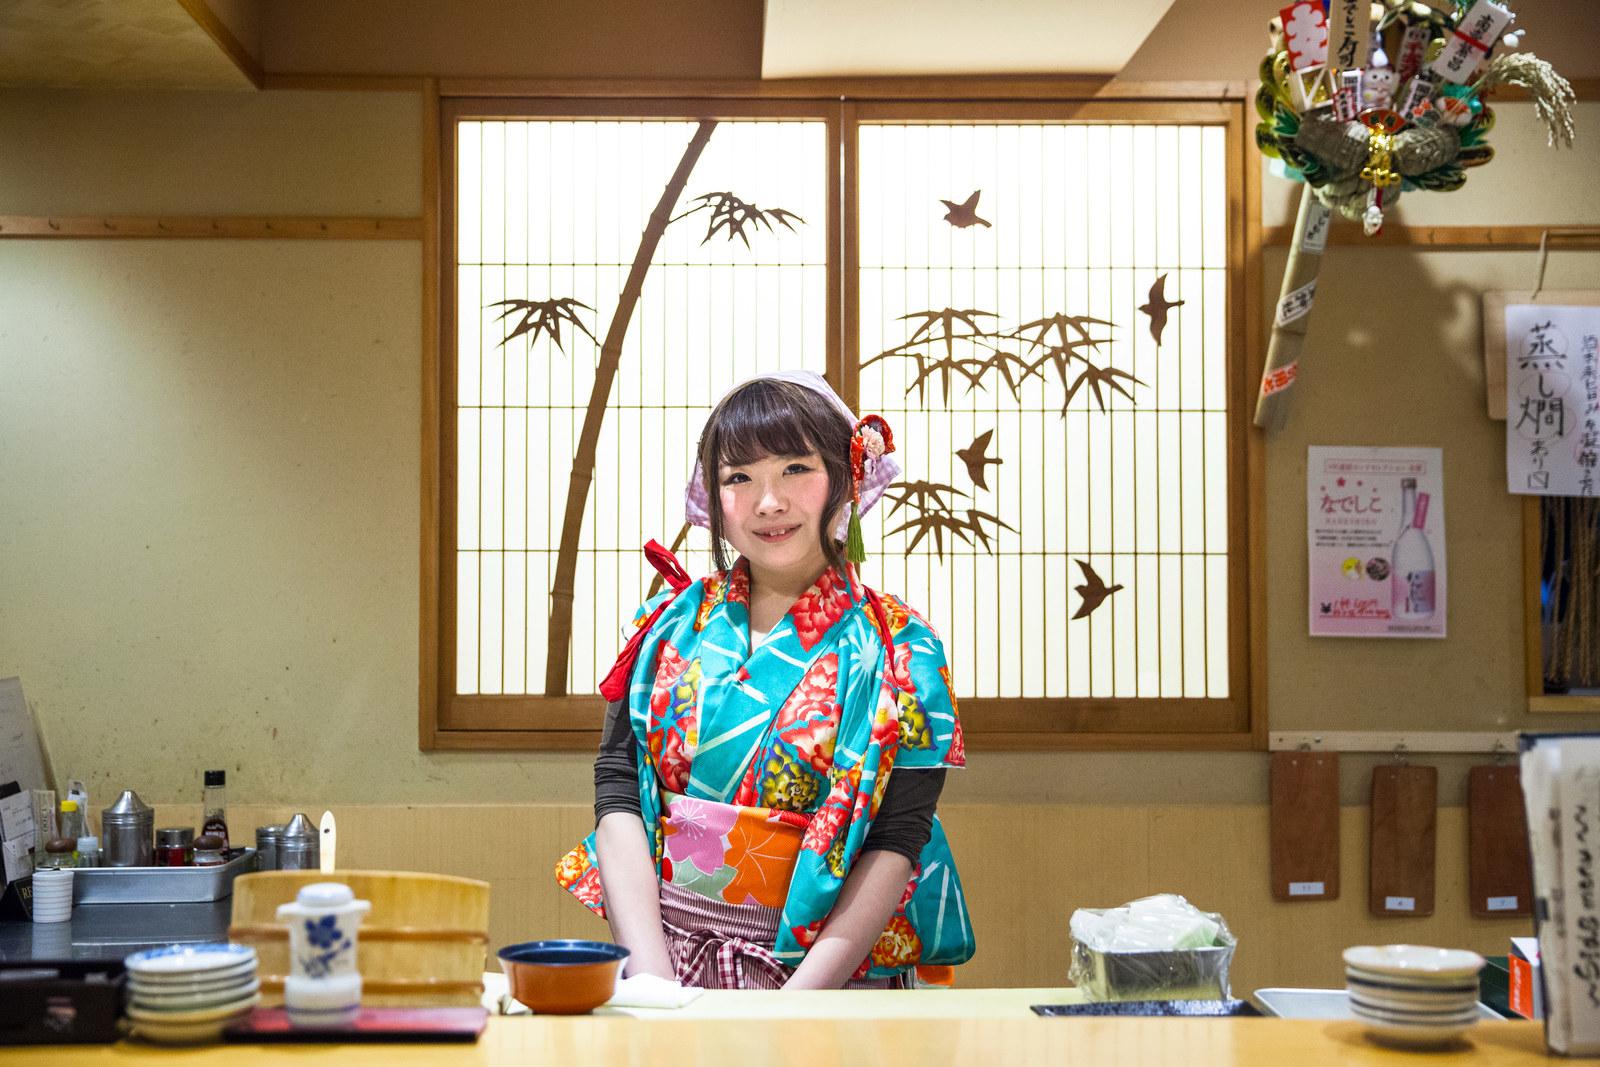 【画像】女性寿司職人「化粧してオシャレな格好で寿司を握っちゃダメなんですか?」